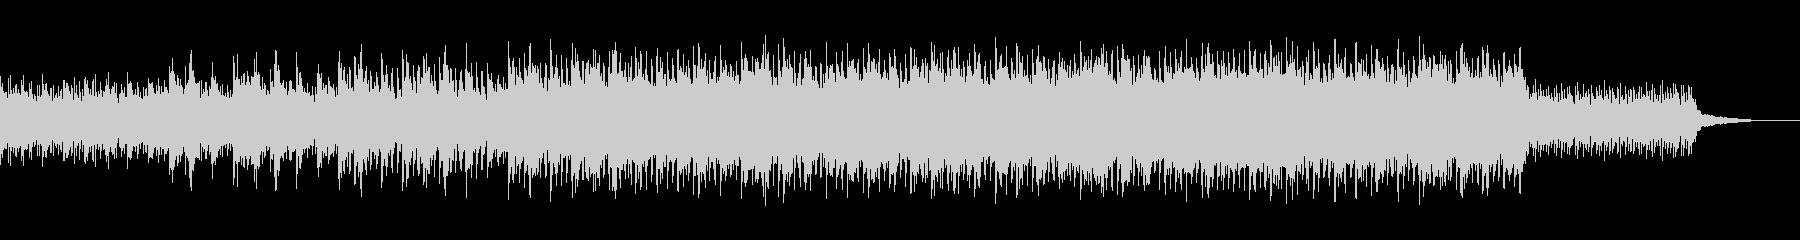 コンセプトムービー シンプル 未来のCMの未再生の波形